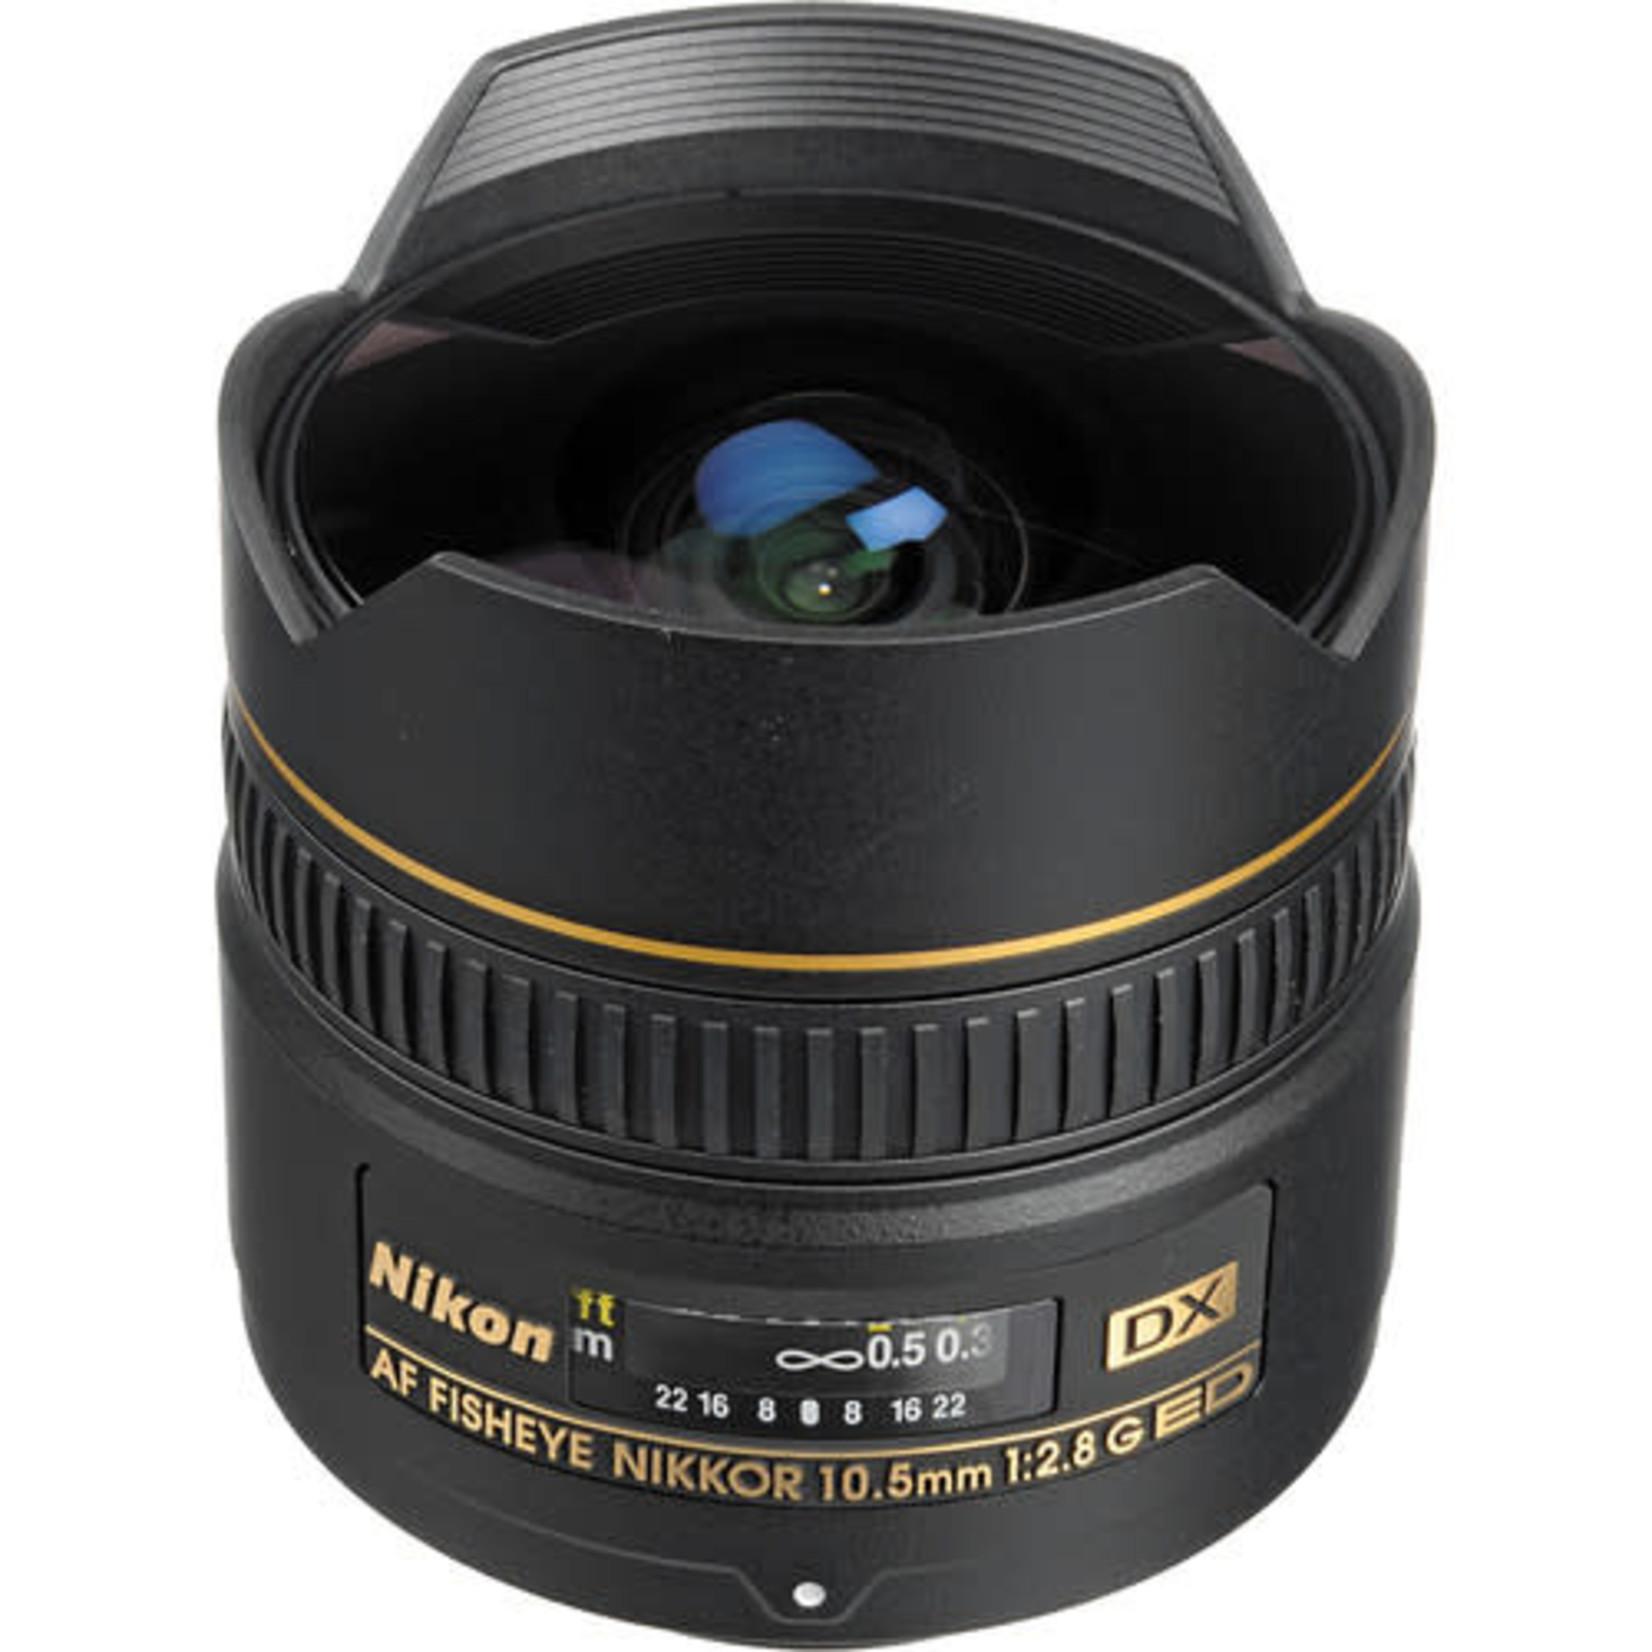 Nikon Nikon AF DX Fisheye-NIKKOR 10.5mm f/2.8G ED Lens